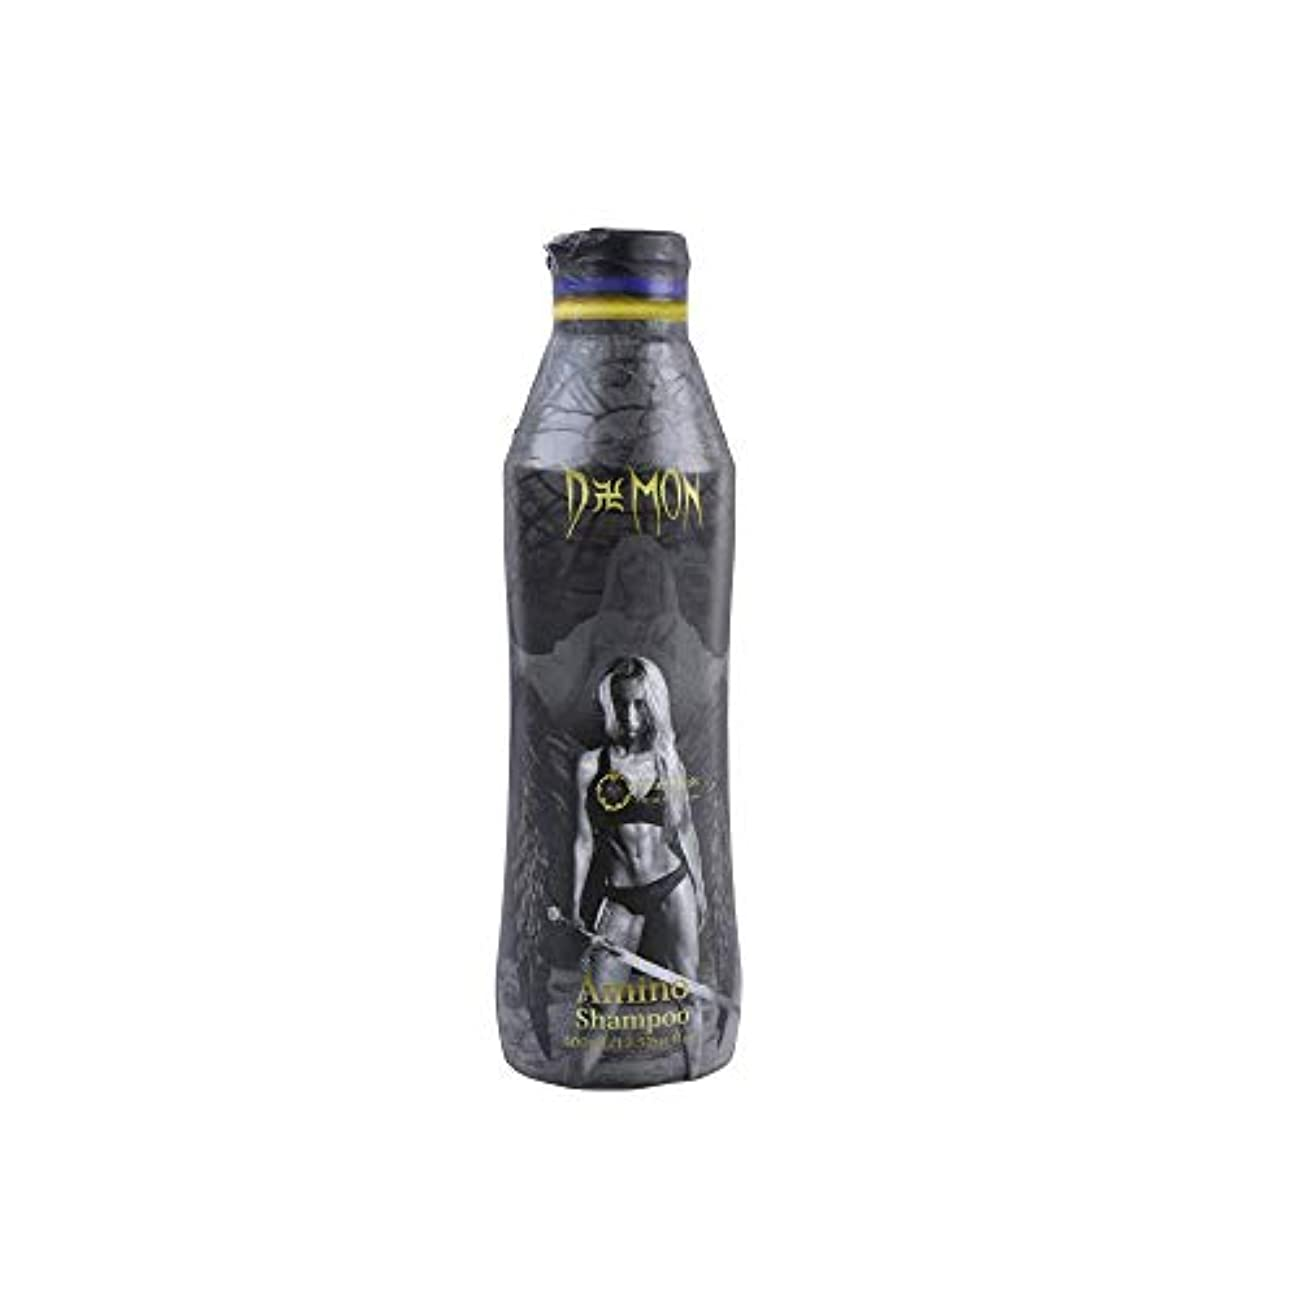 渦クーポン方法論Daemon アミノシャンプー ユニセックス 400mL CREAM SODAの香り